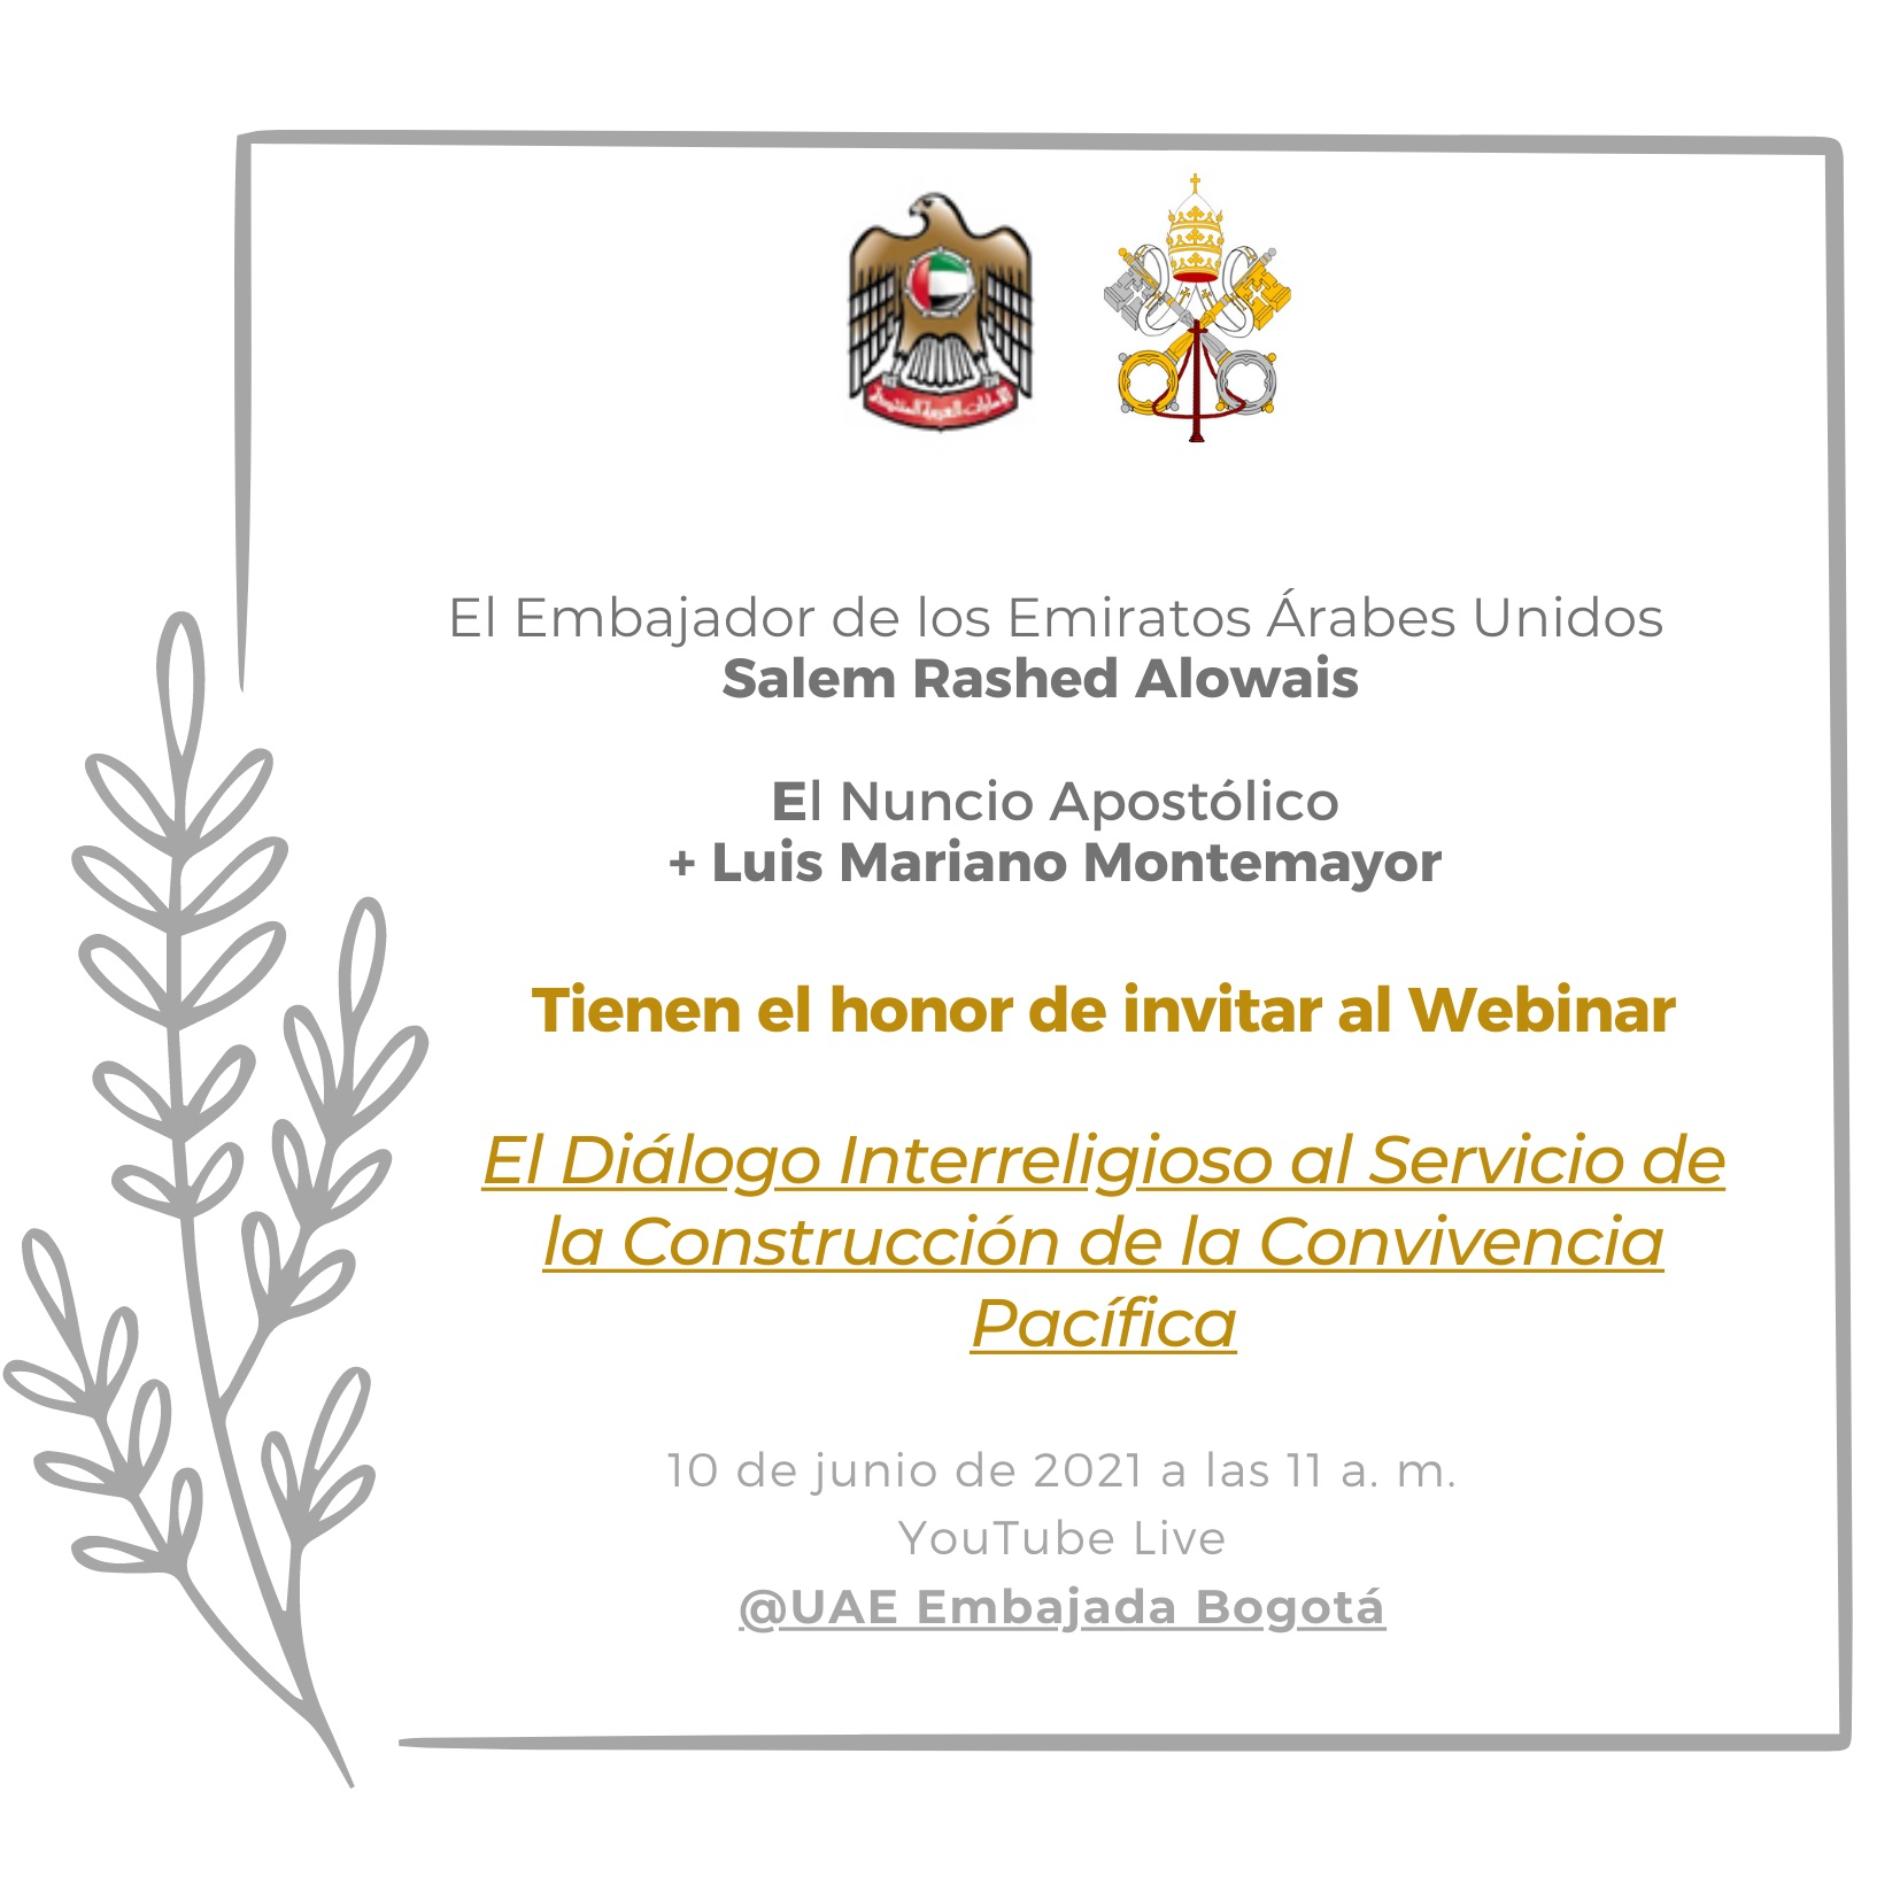 Diálogo Interreligioso al Servicio de la Construcción de la Convivencia Pacífica